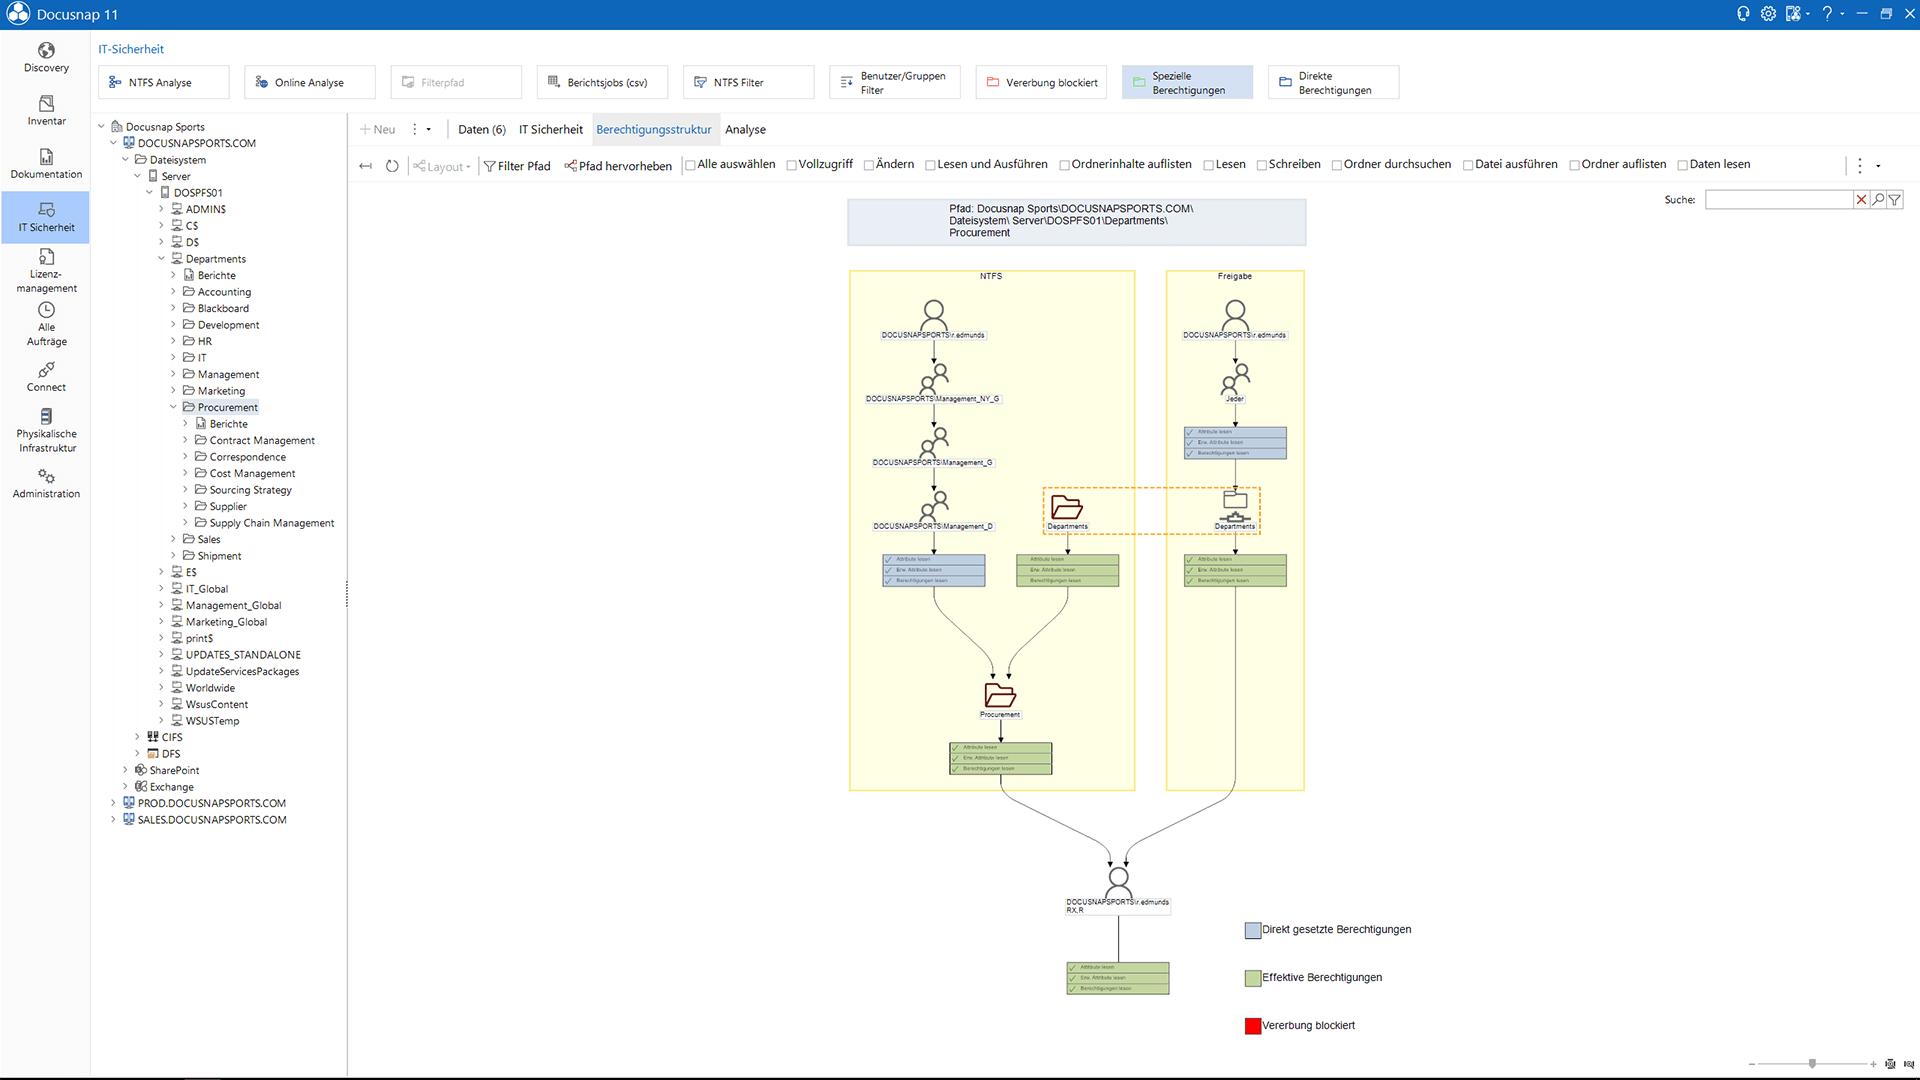 Screenshot: Visualisierung der Windows Berechtigungen